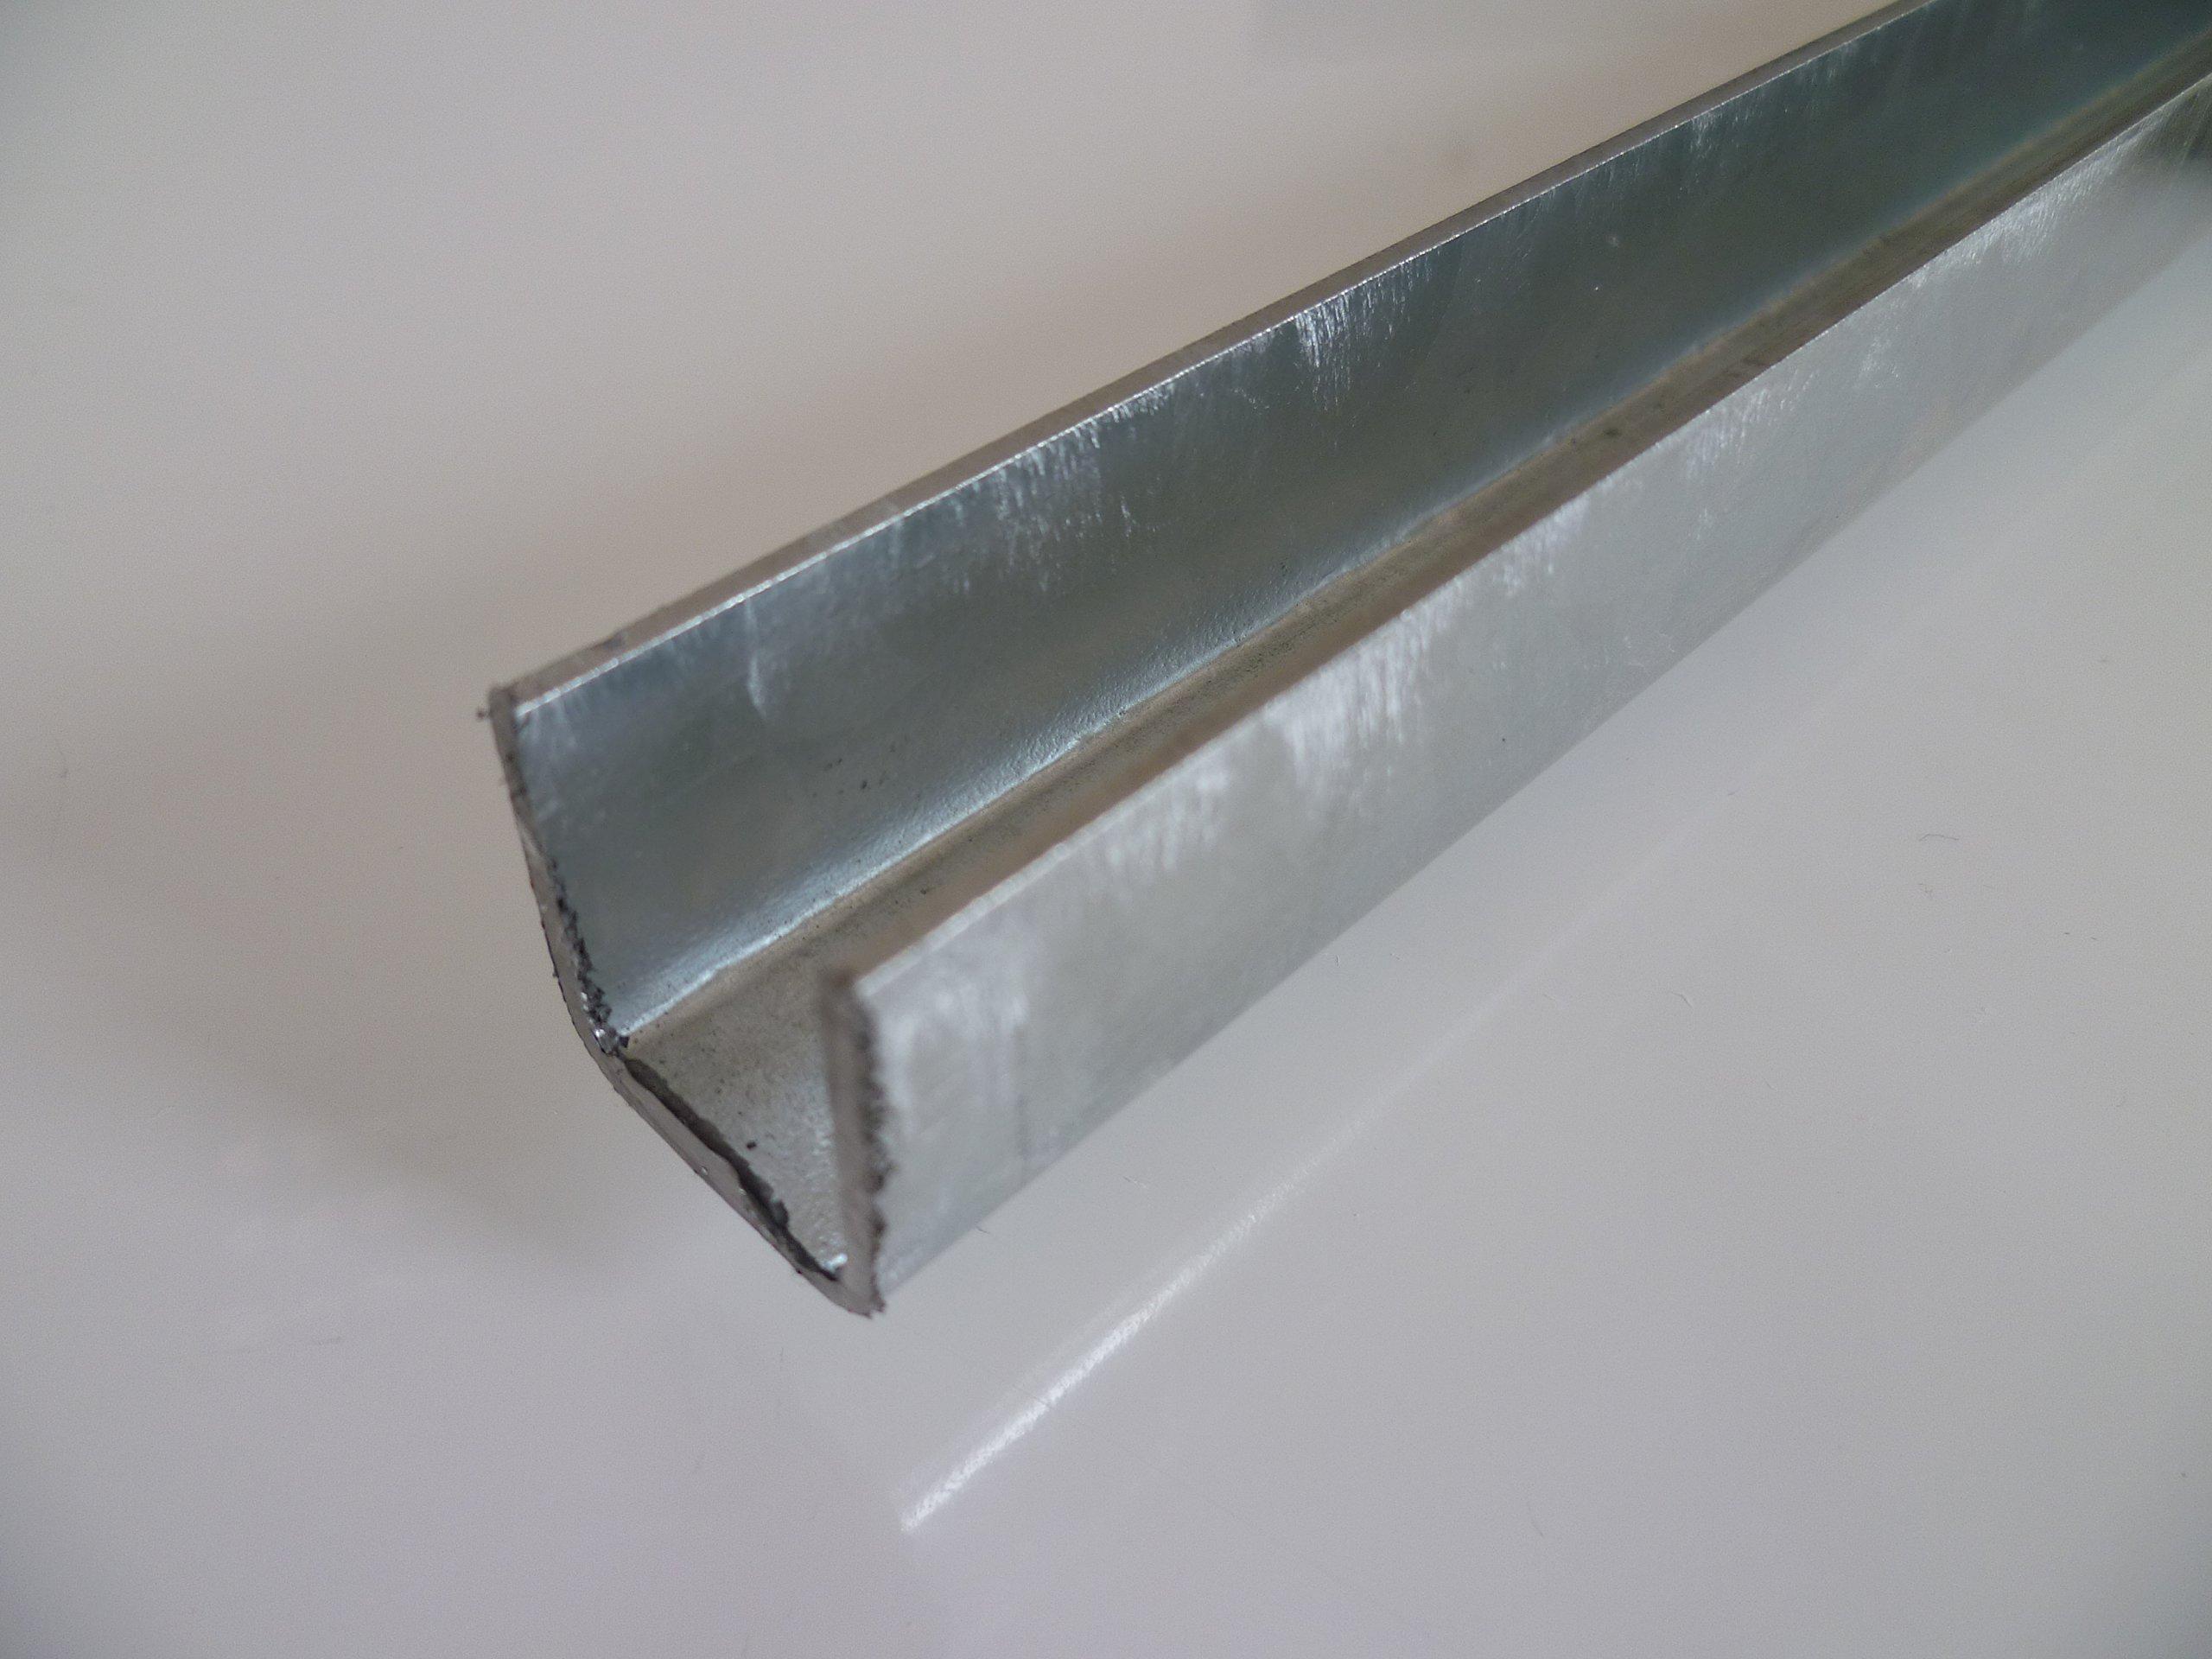 T-Tr/äger T 30 Rohstahl unbehandelt 1.0038 ST37 // B/&T Metall Stahl T-Profil 30 x 30 x 4 mm gleichschenklig in L/ängen /à 1500 mm 5mm S235